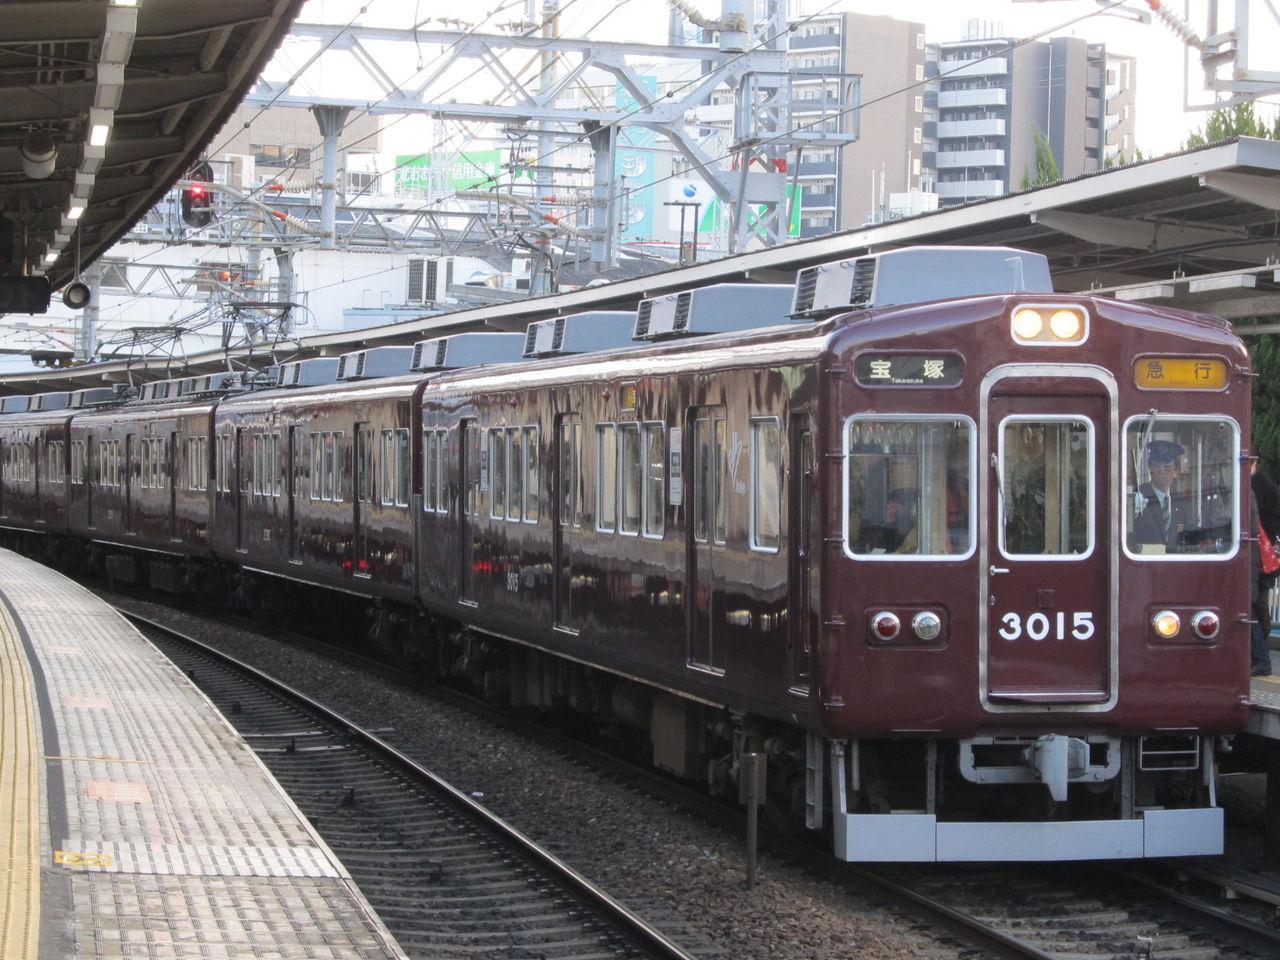 3000系・3100系(1964~)神宝線系最古参本線からは姿を消したが... 勝手に阪急神戸・